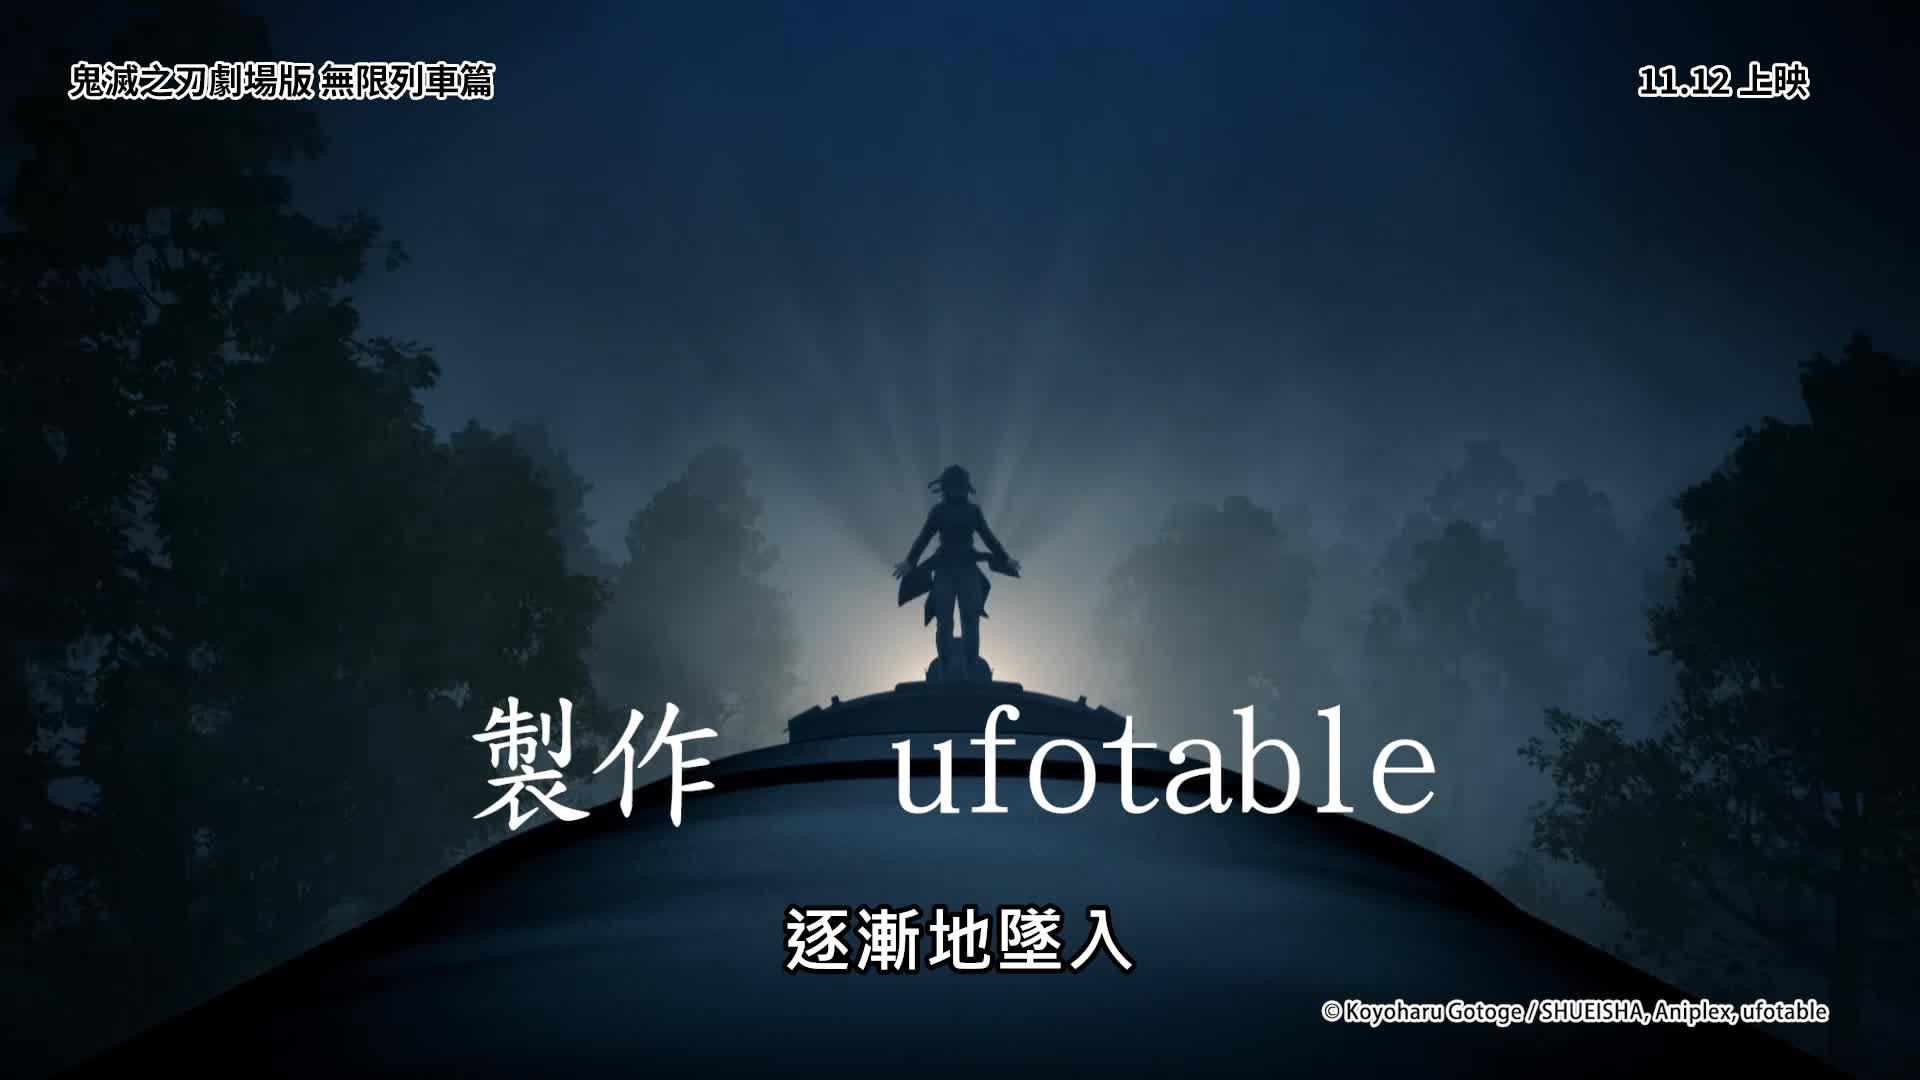 《鬼滅之刃劇場版 無限列車篇》電影預告